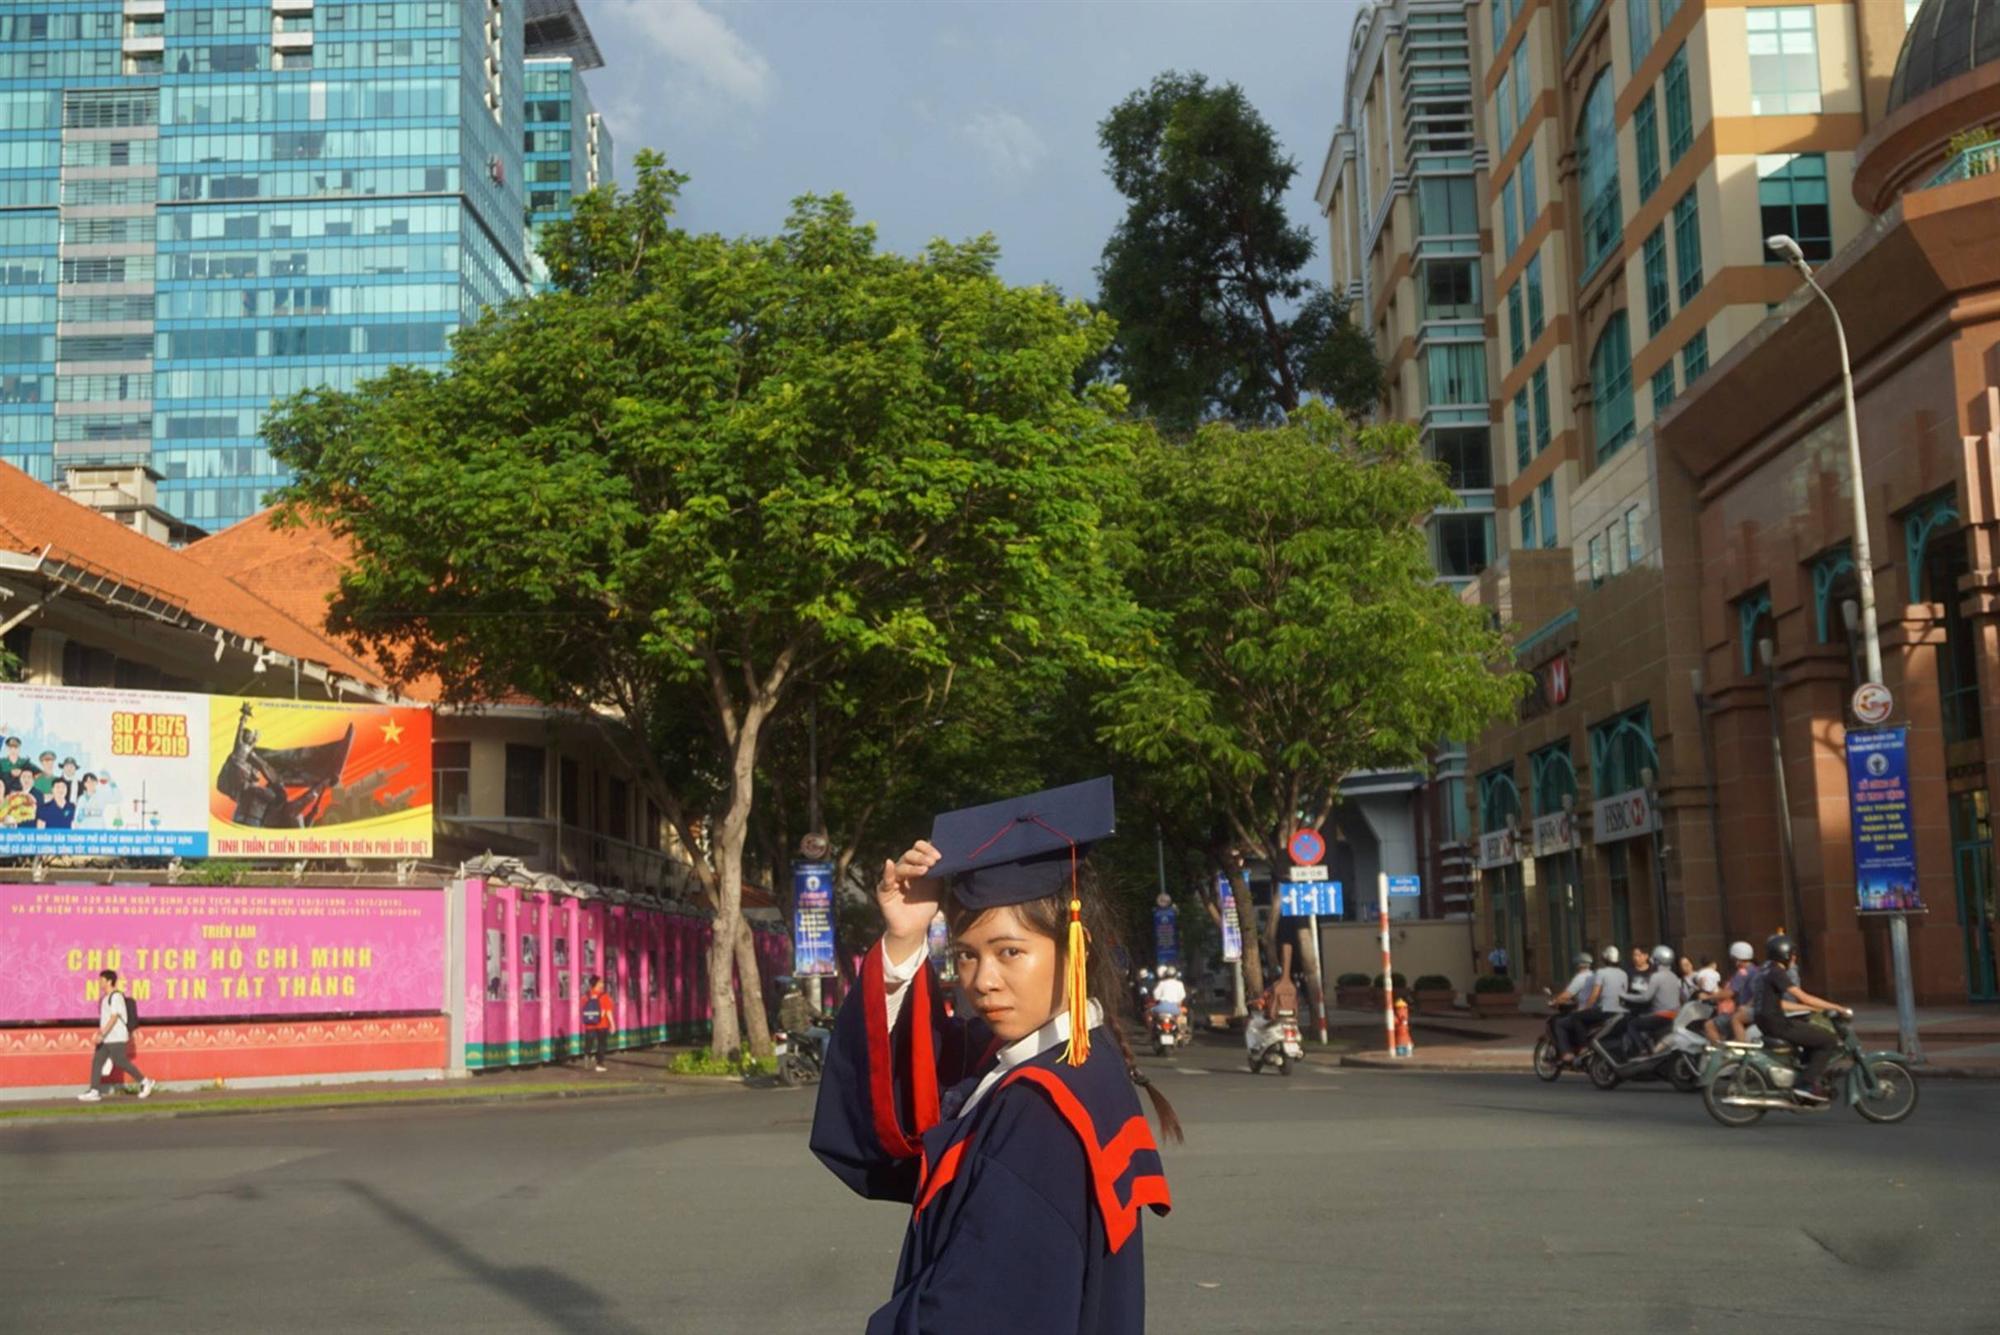 Nữ sinh người Thái tốt nghiệp thủ khoa trường Nhân văn với điểm 3.92/4: Điều mình shock nhất ở Việt Nam là quá nhiều xe máy và tiếng còi inh ỏi-3